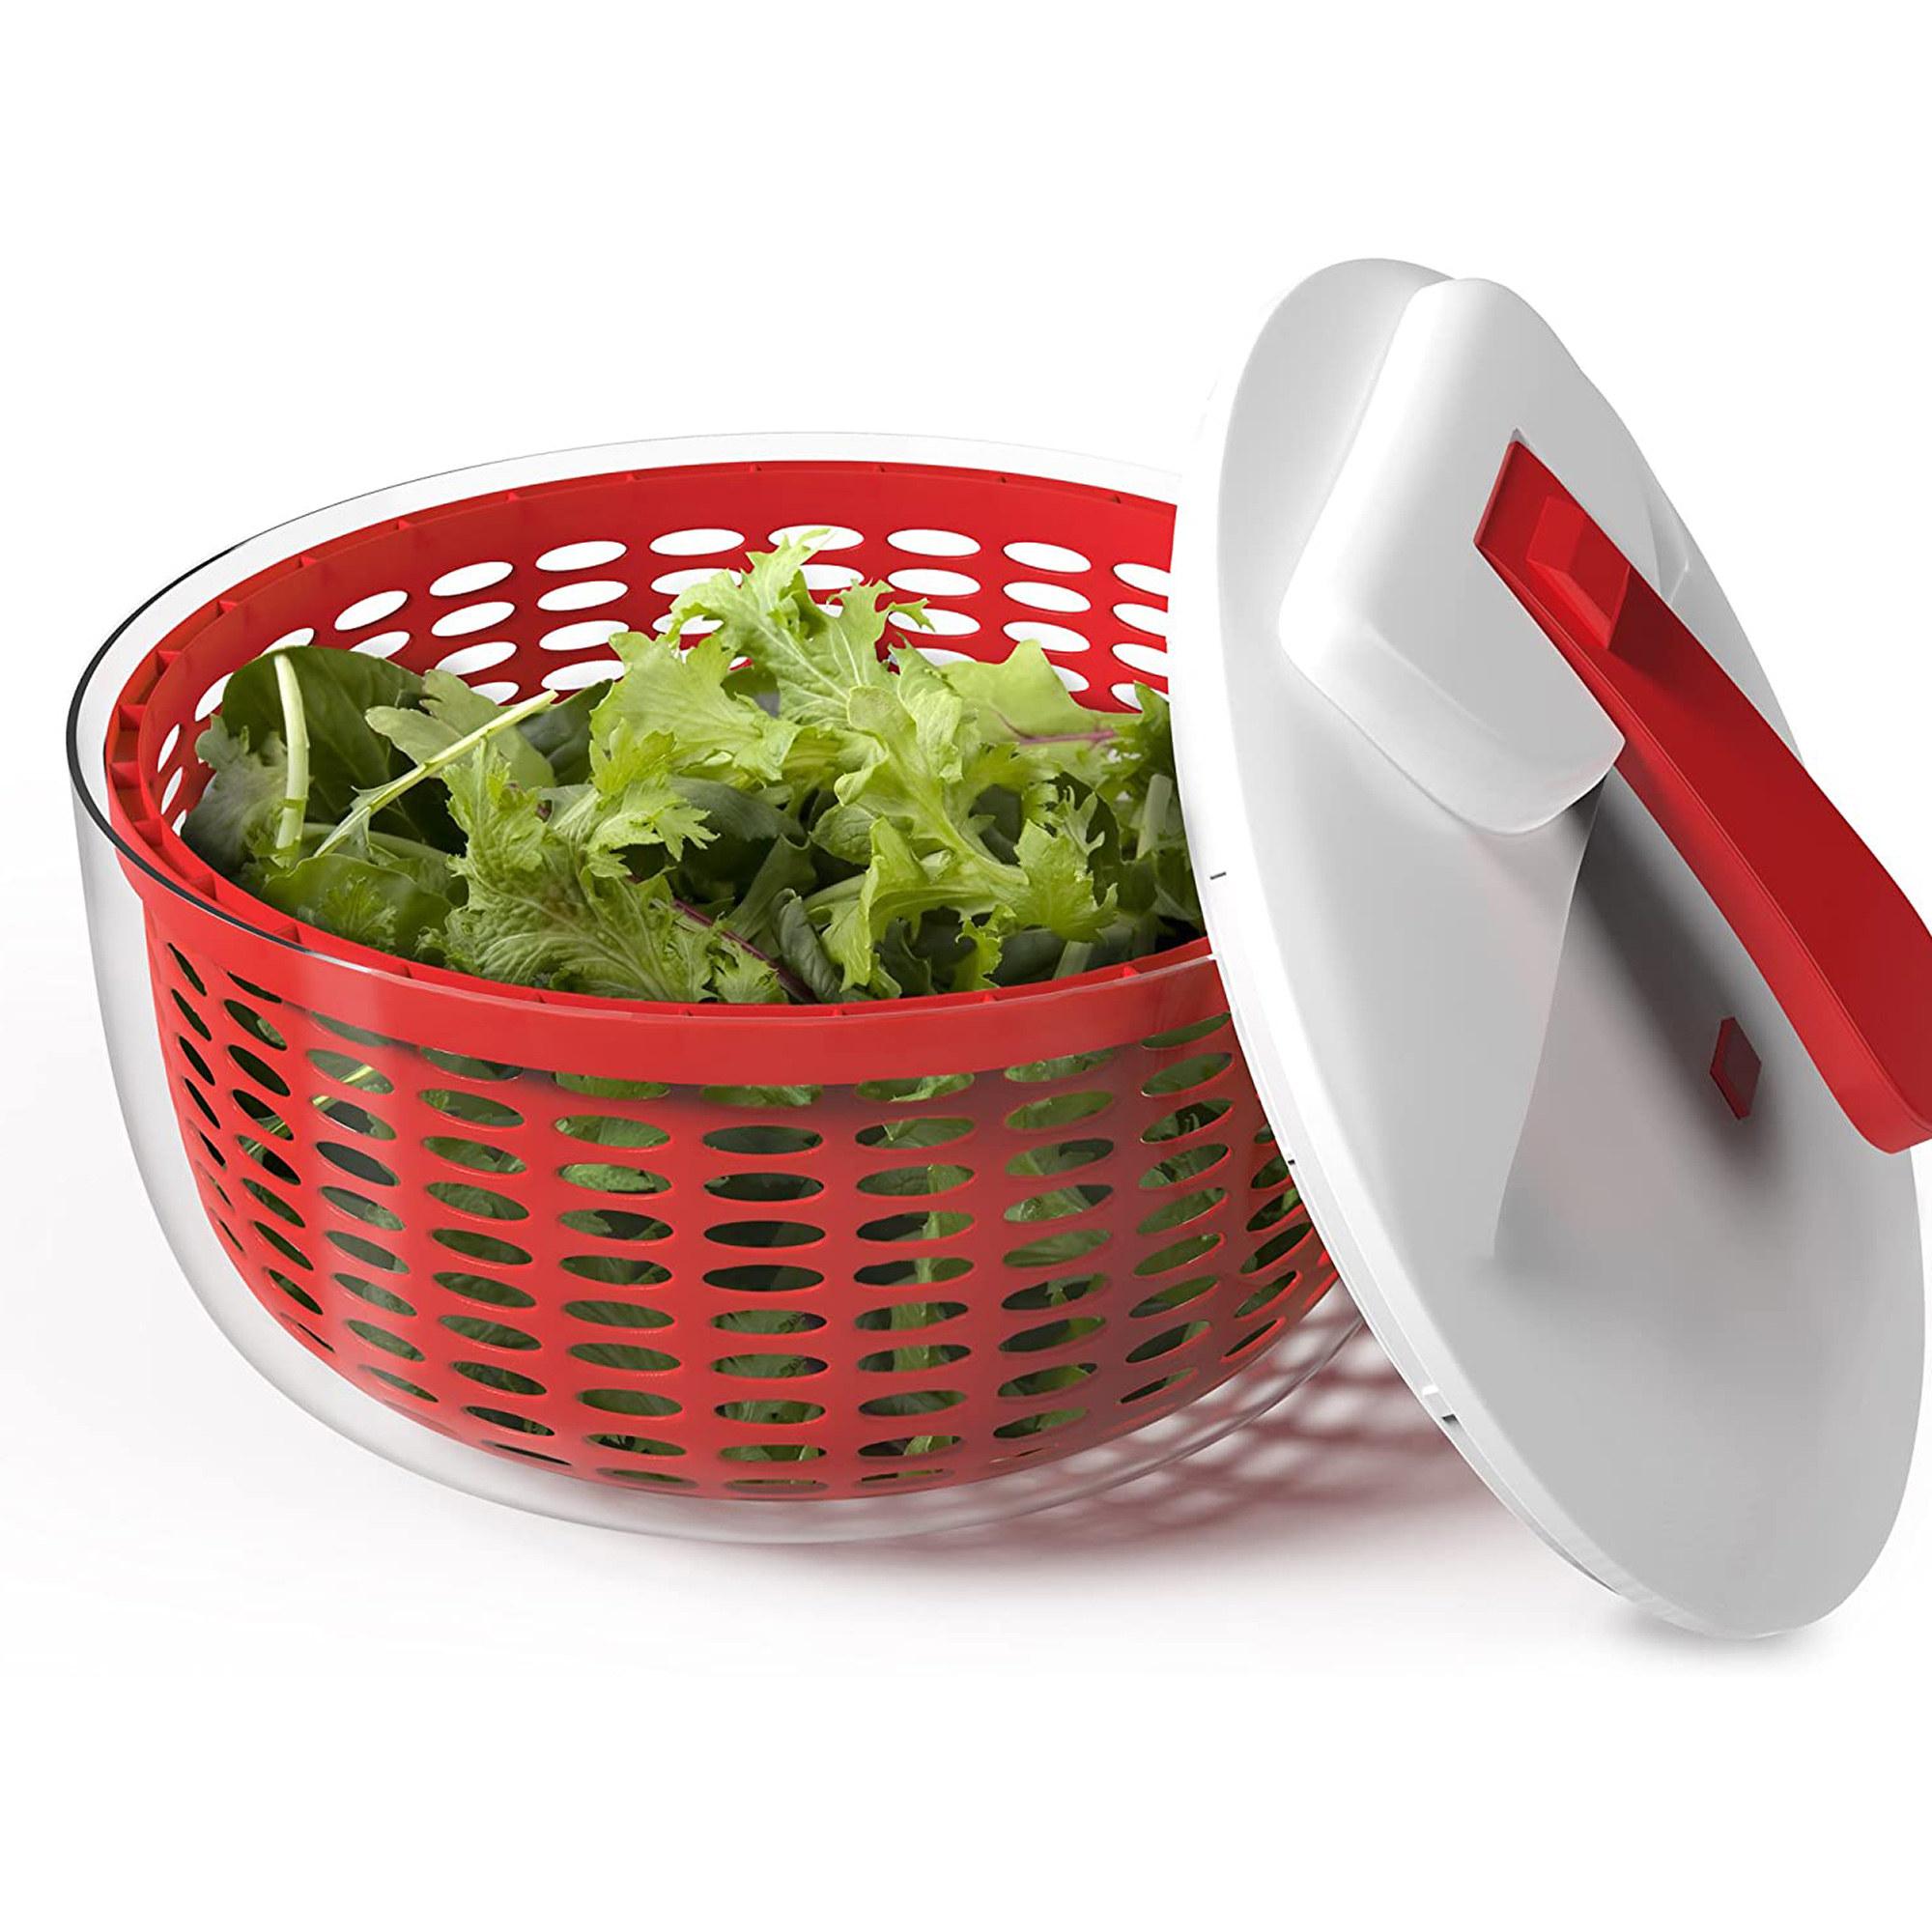 The red spinner full of lettuce